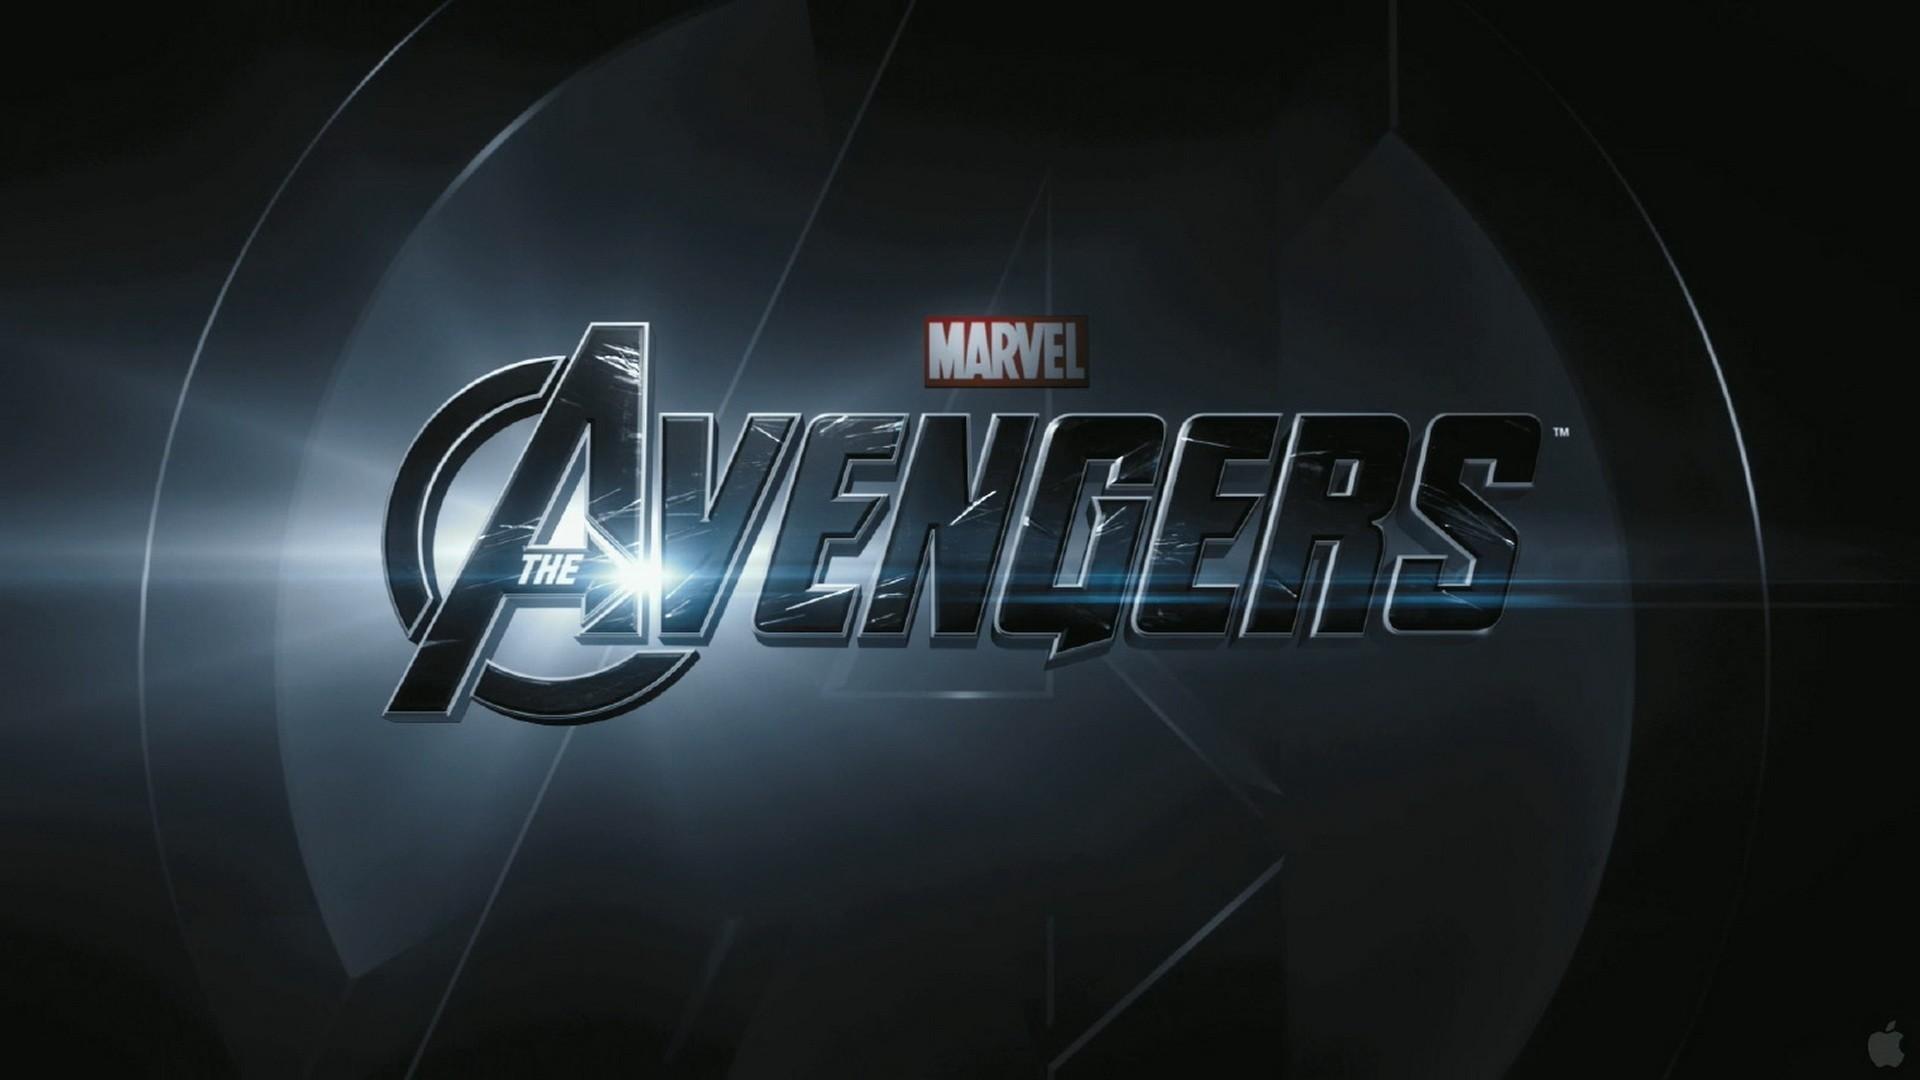 Res: 1920x1080, avengers logo - The Avengers Wallpaper ()